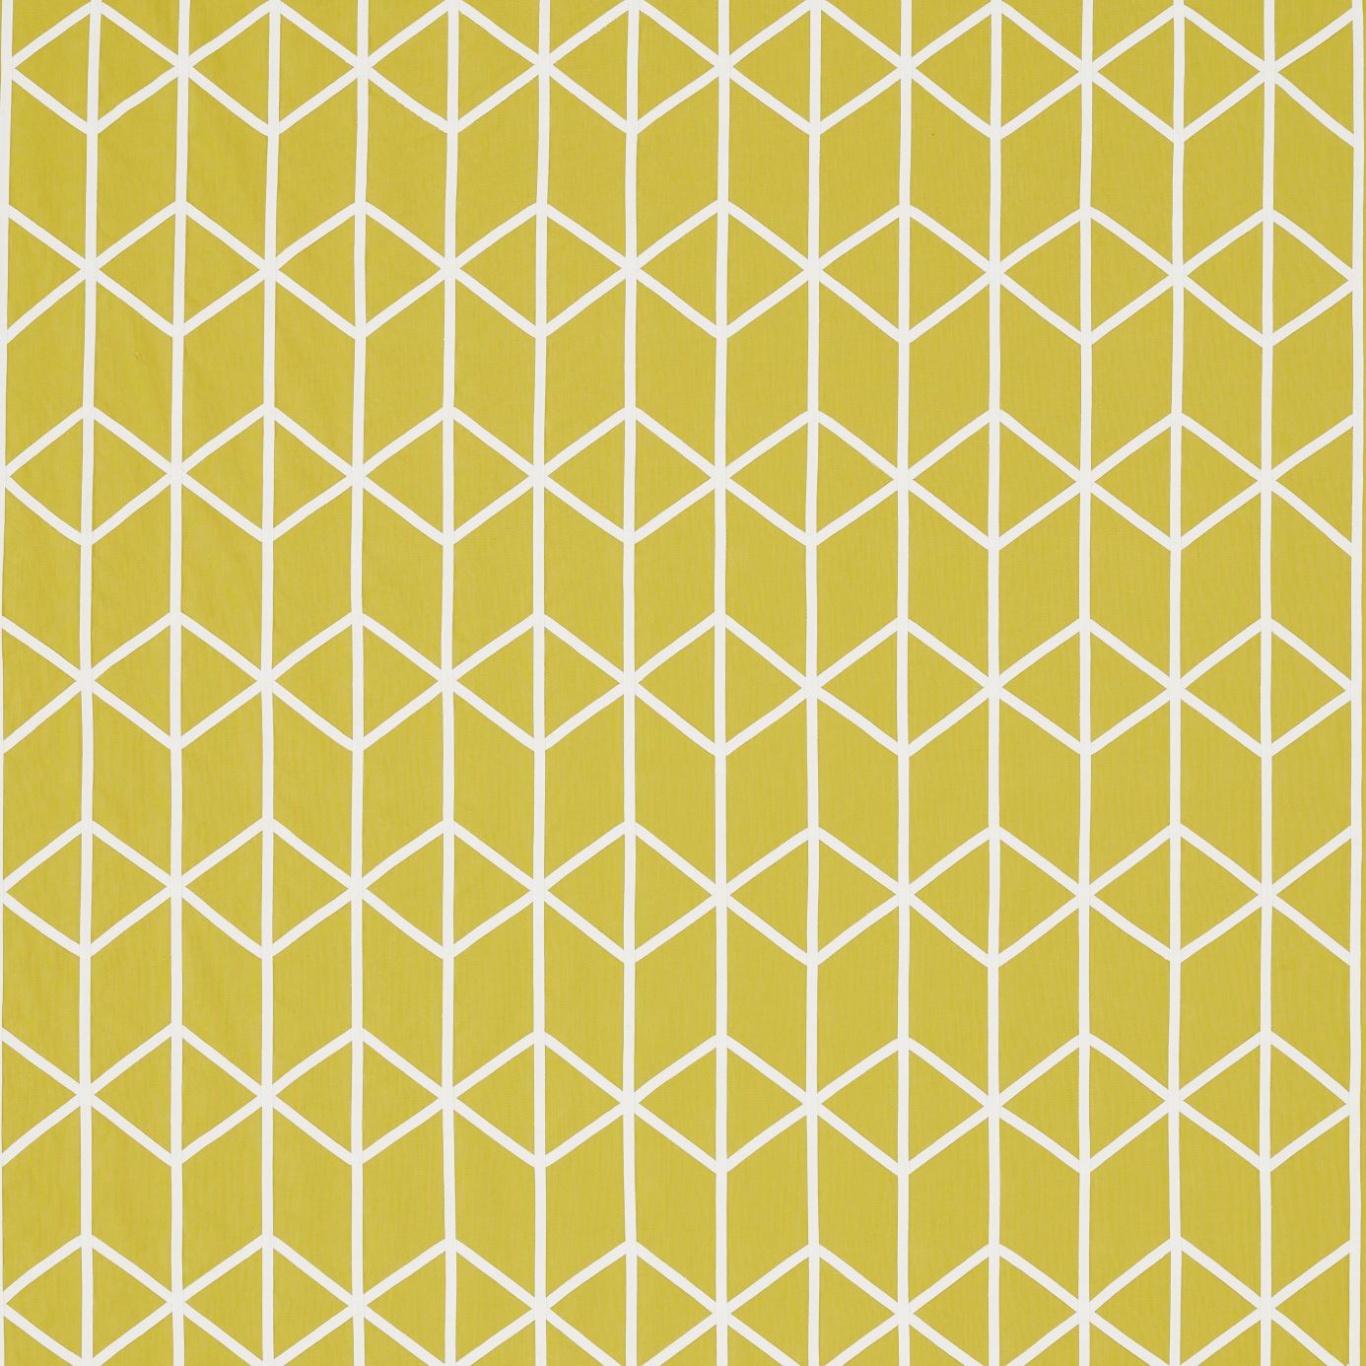 Image of Scion Nendo Pear Curtain Fabric 131821